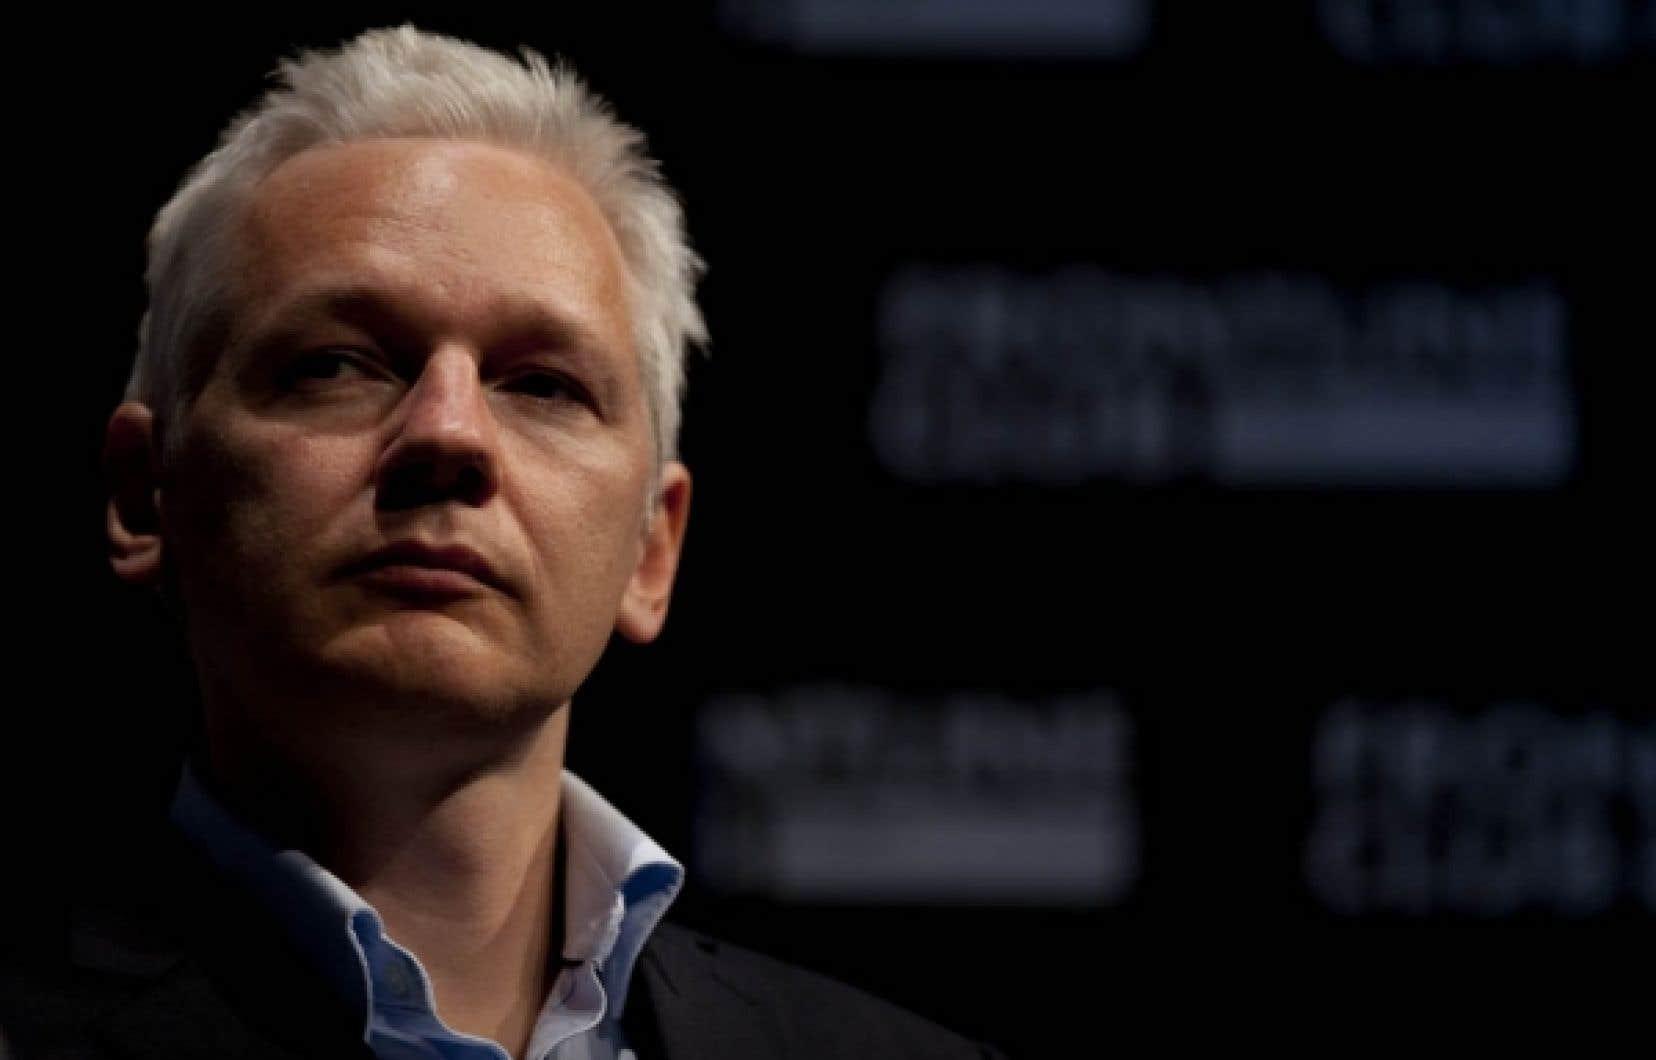 Le site WikiLeaks, fondé par l'Australien Julian Assange, s'est rendu mondialement célèbre l'an dernier en publiant des documents classés sur les guerres d'Irak et d'Afghanistan. Visa et Mastercard avaient suspendu la possibilité de faire des dons par leur canal à WikiLeaks début décembre 2010.<br />